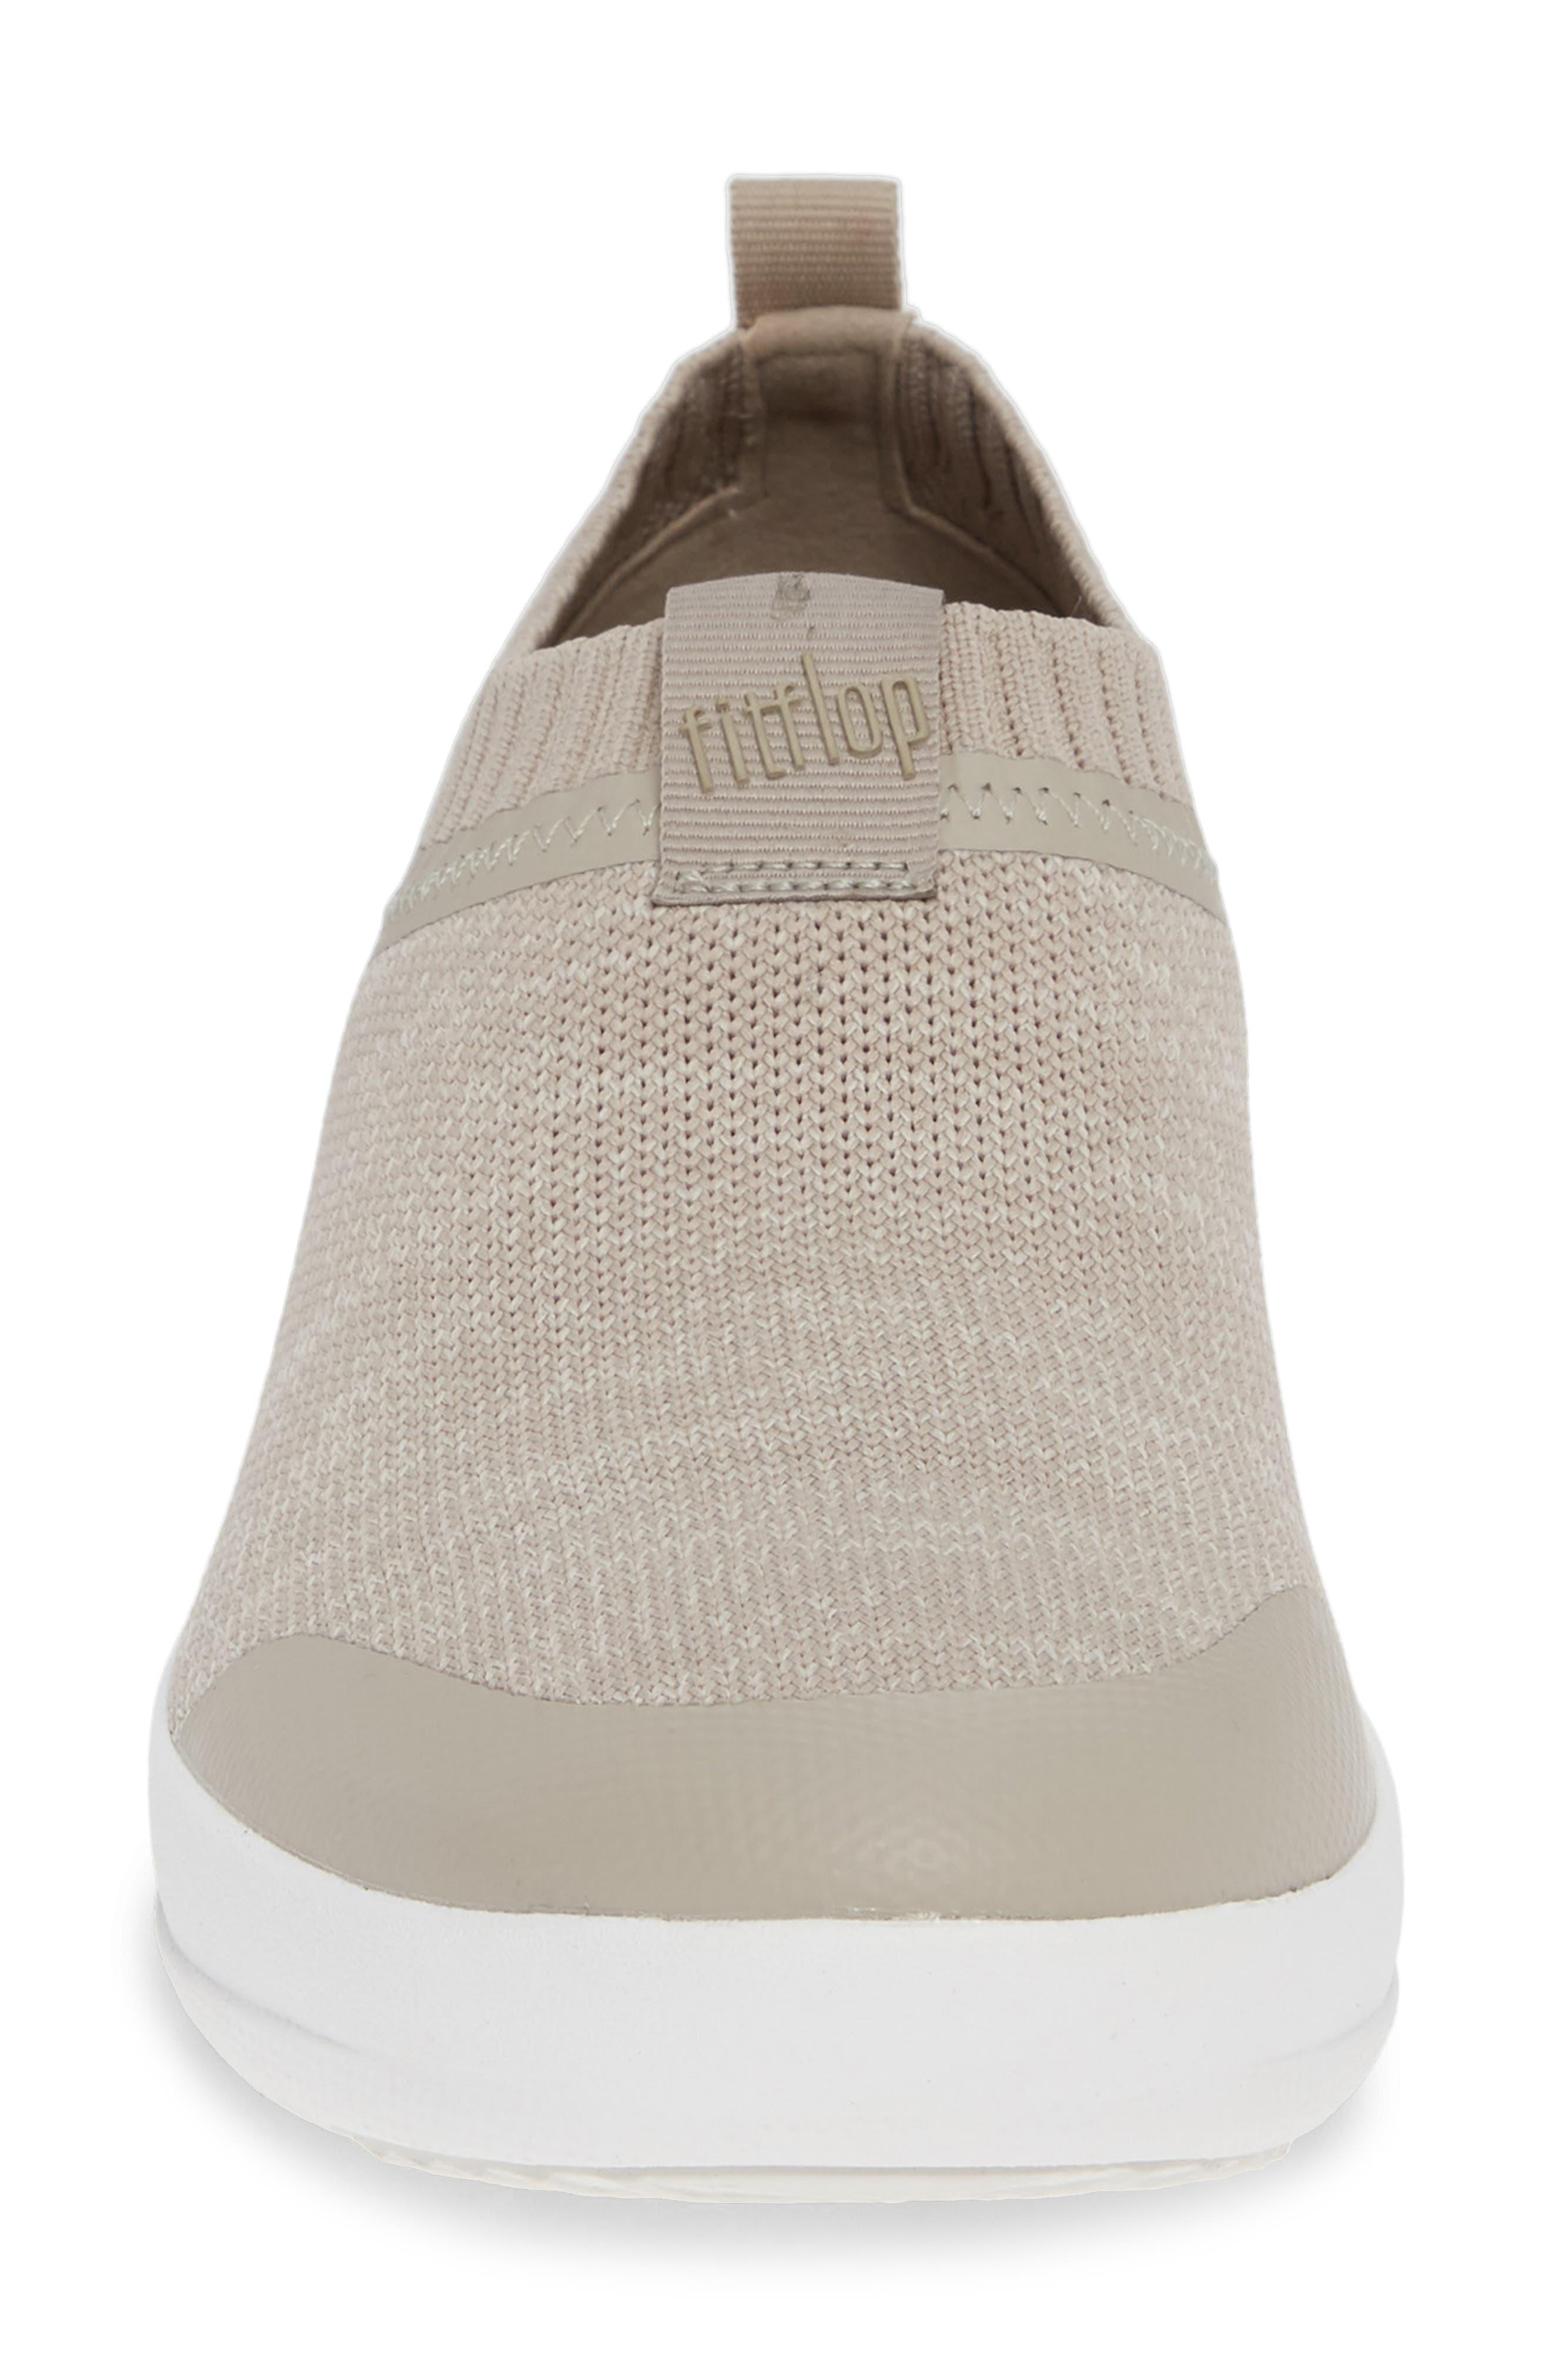 FITFLOP, Uberknit Slip-On Sneaker, Alternate thumbnail 4, color, 256